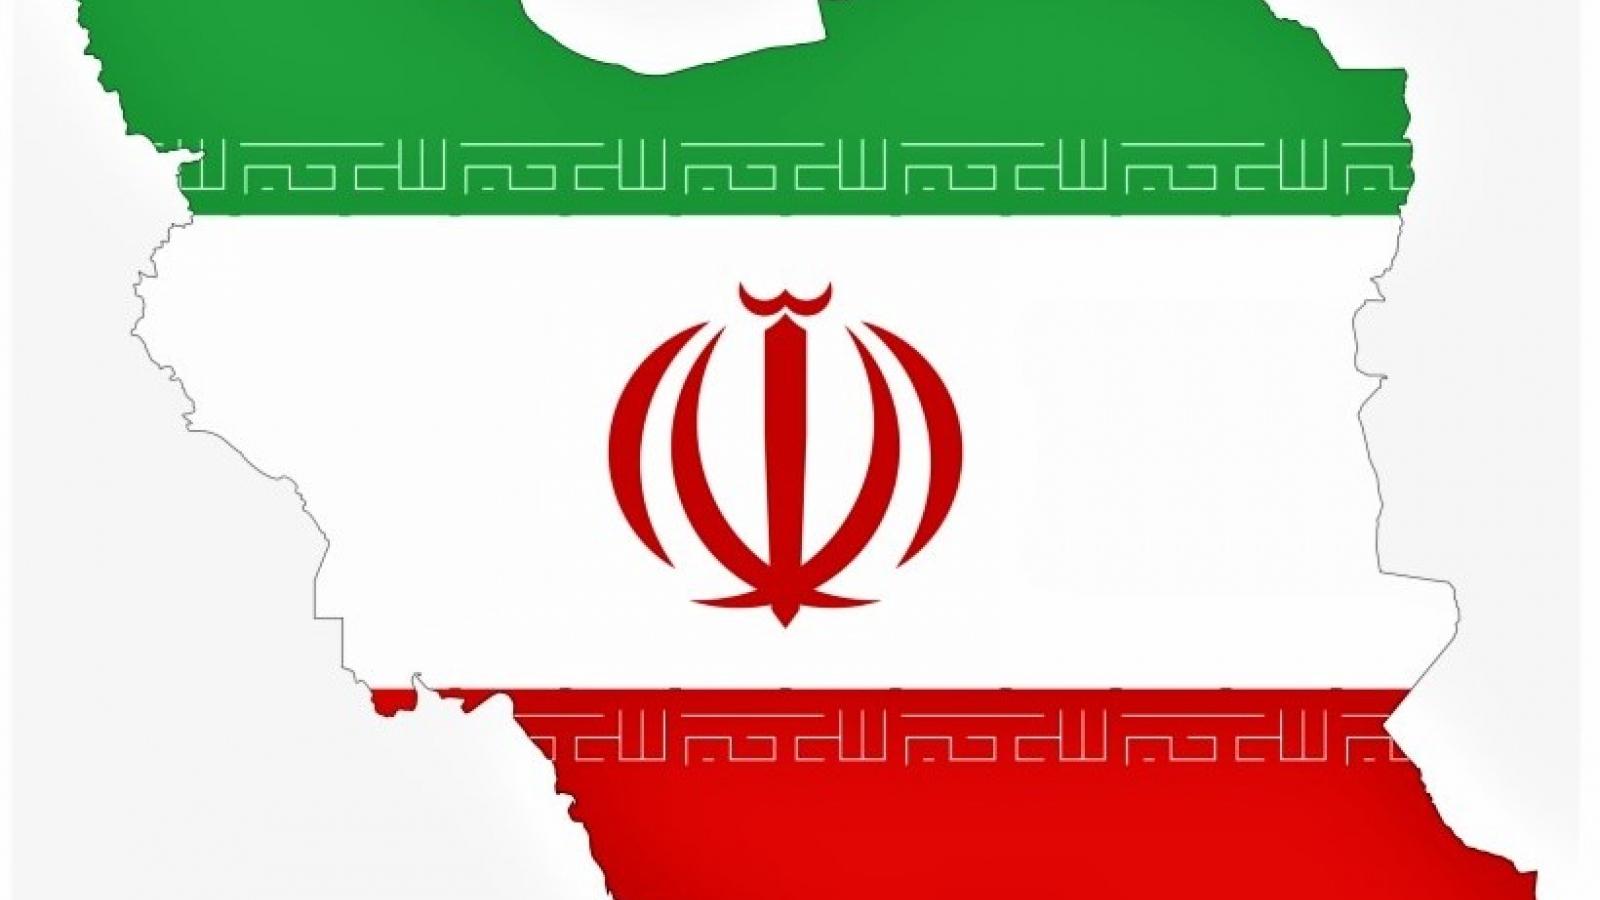 Cơ hội thay đổi bàn cờ địa-chính trị khi Iran gia nhập Tổ chức Hợp tác Thượng Hải